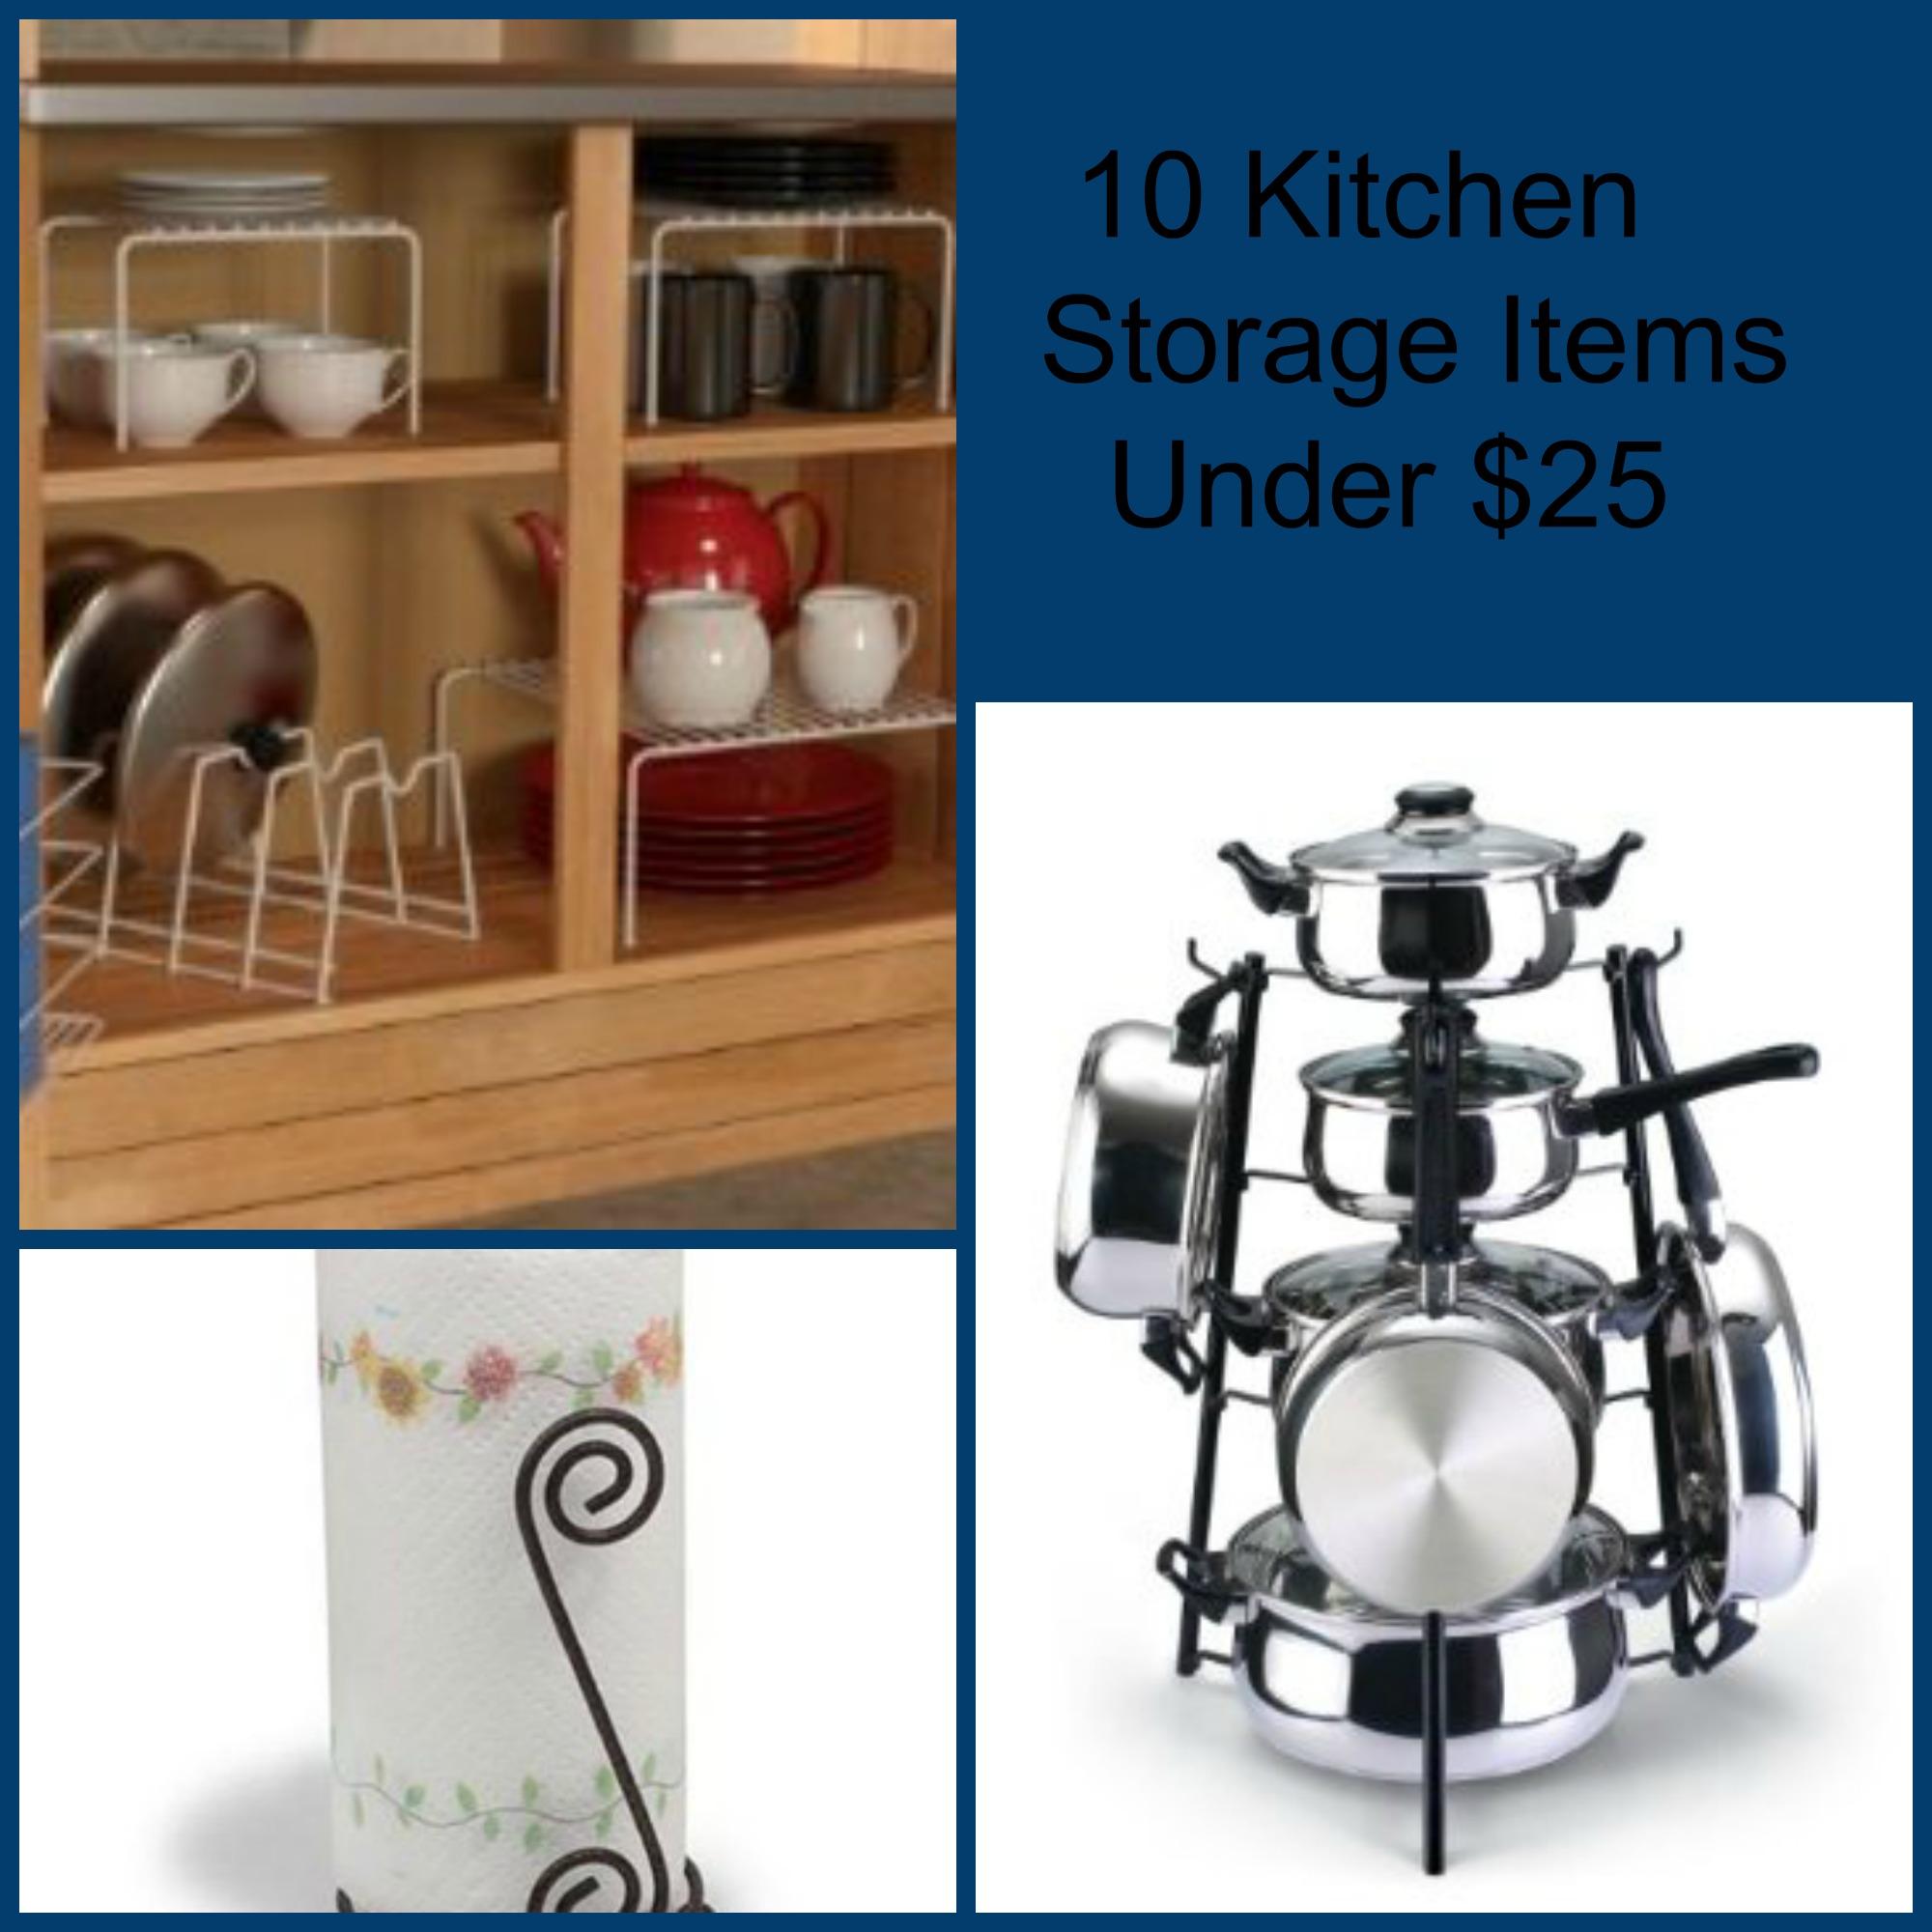 Kitchen Organization For Baby Stuff: 10 Kitchen Organizing Items Under $25